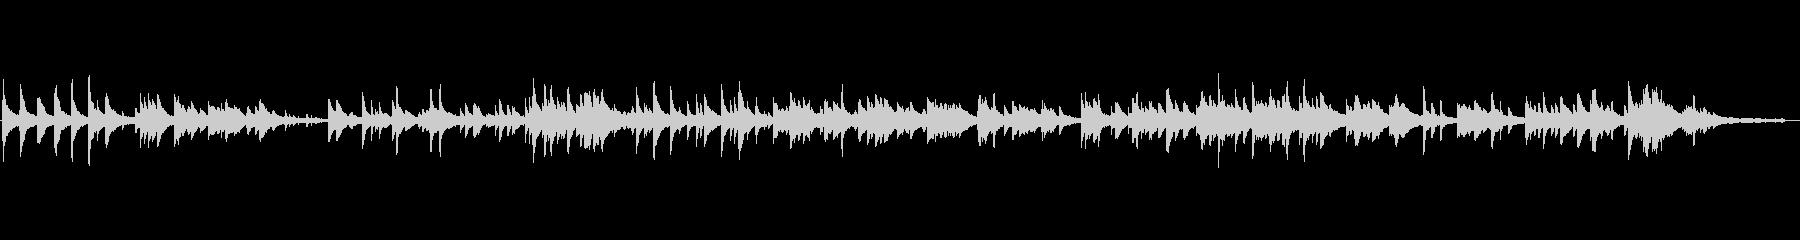 静かなヒーリング・ピアノ曲(柔らかい音色の未再生の波形